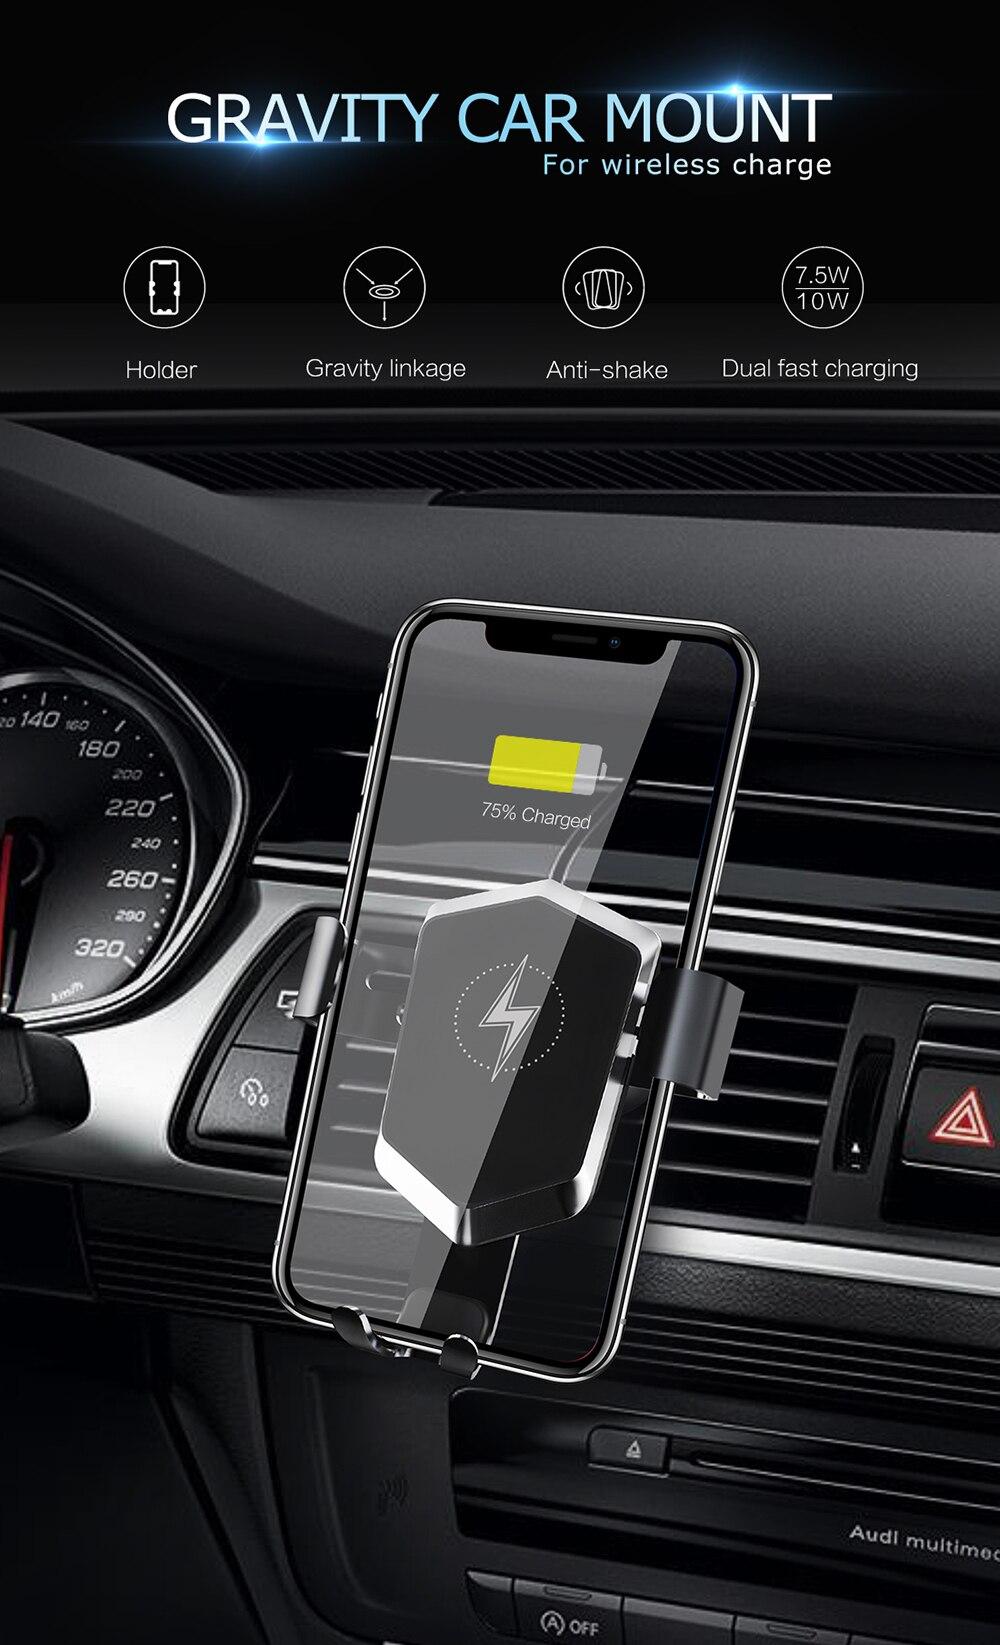 Гибкая тяжести автомобильный держатель телефона быстро зарядного устройства для Iphone XS Max XR 8 samsung Быстрый Qi Беспроводной Зарядное устройство 10 вт автоматического подключения